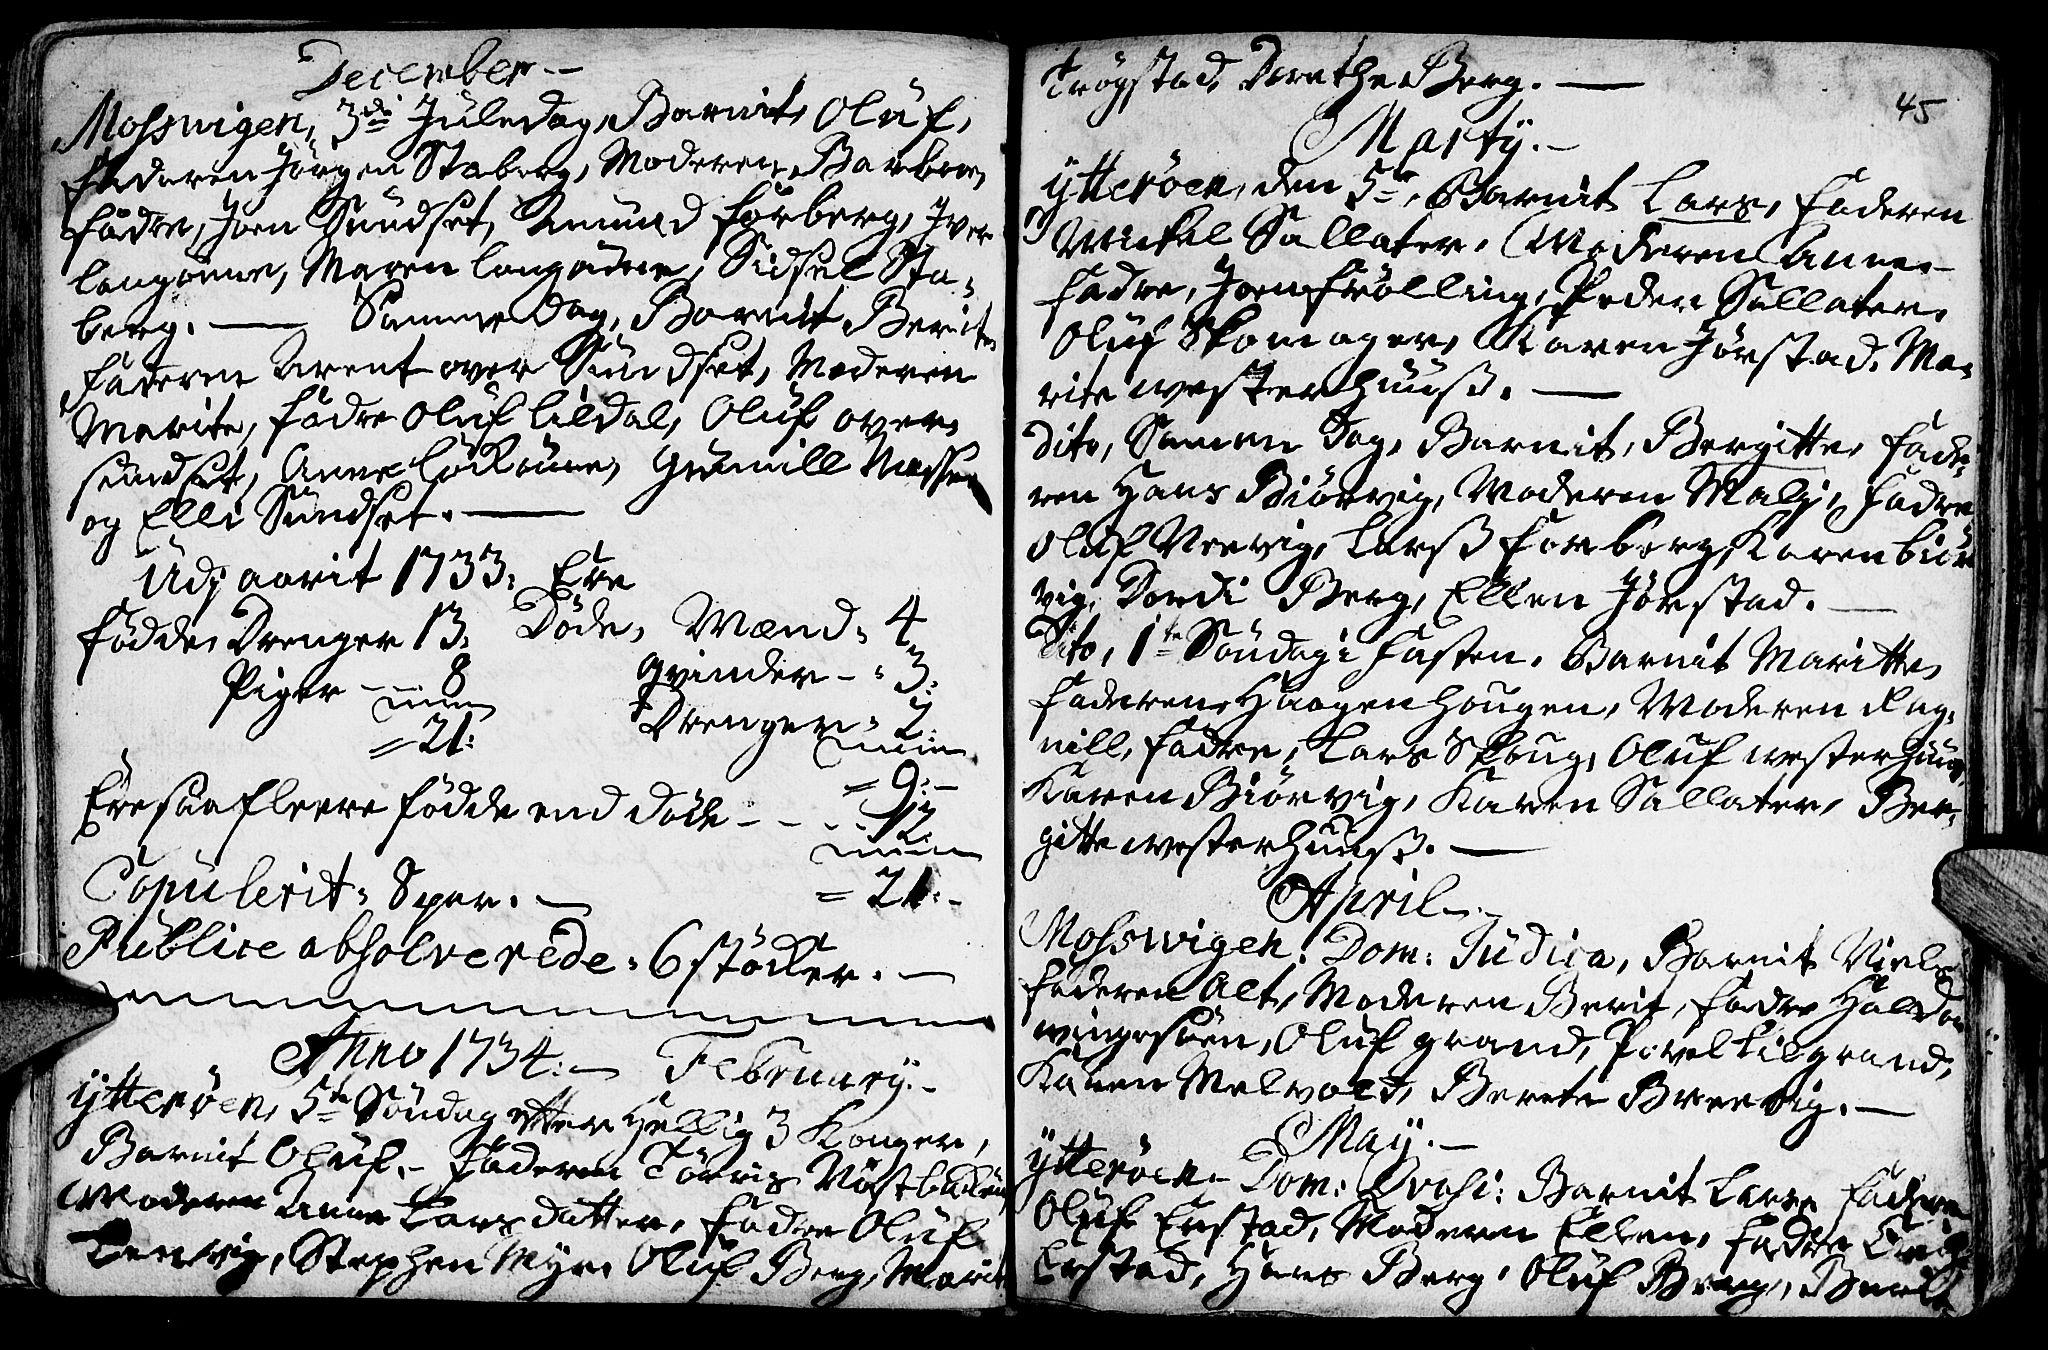 SAT, Ministerialprotokoller, klokkerbøker og fødselsregistre - Nord-Trøndelag, 722/L0215: Ministerialbok nr. 722A02, 1718-1755, s. 45